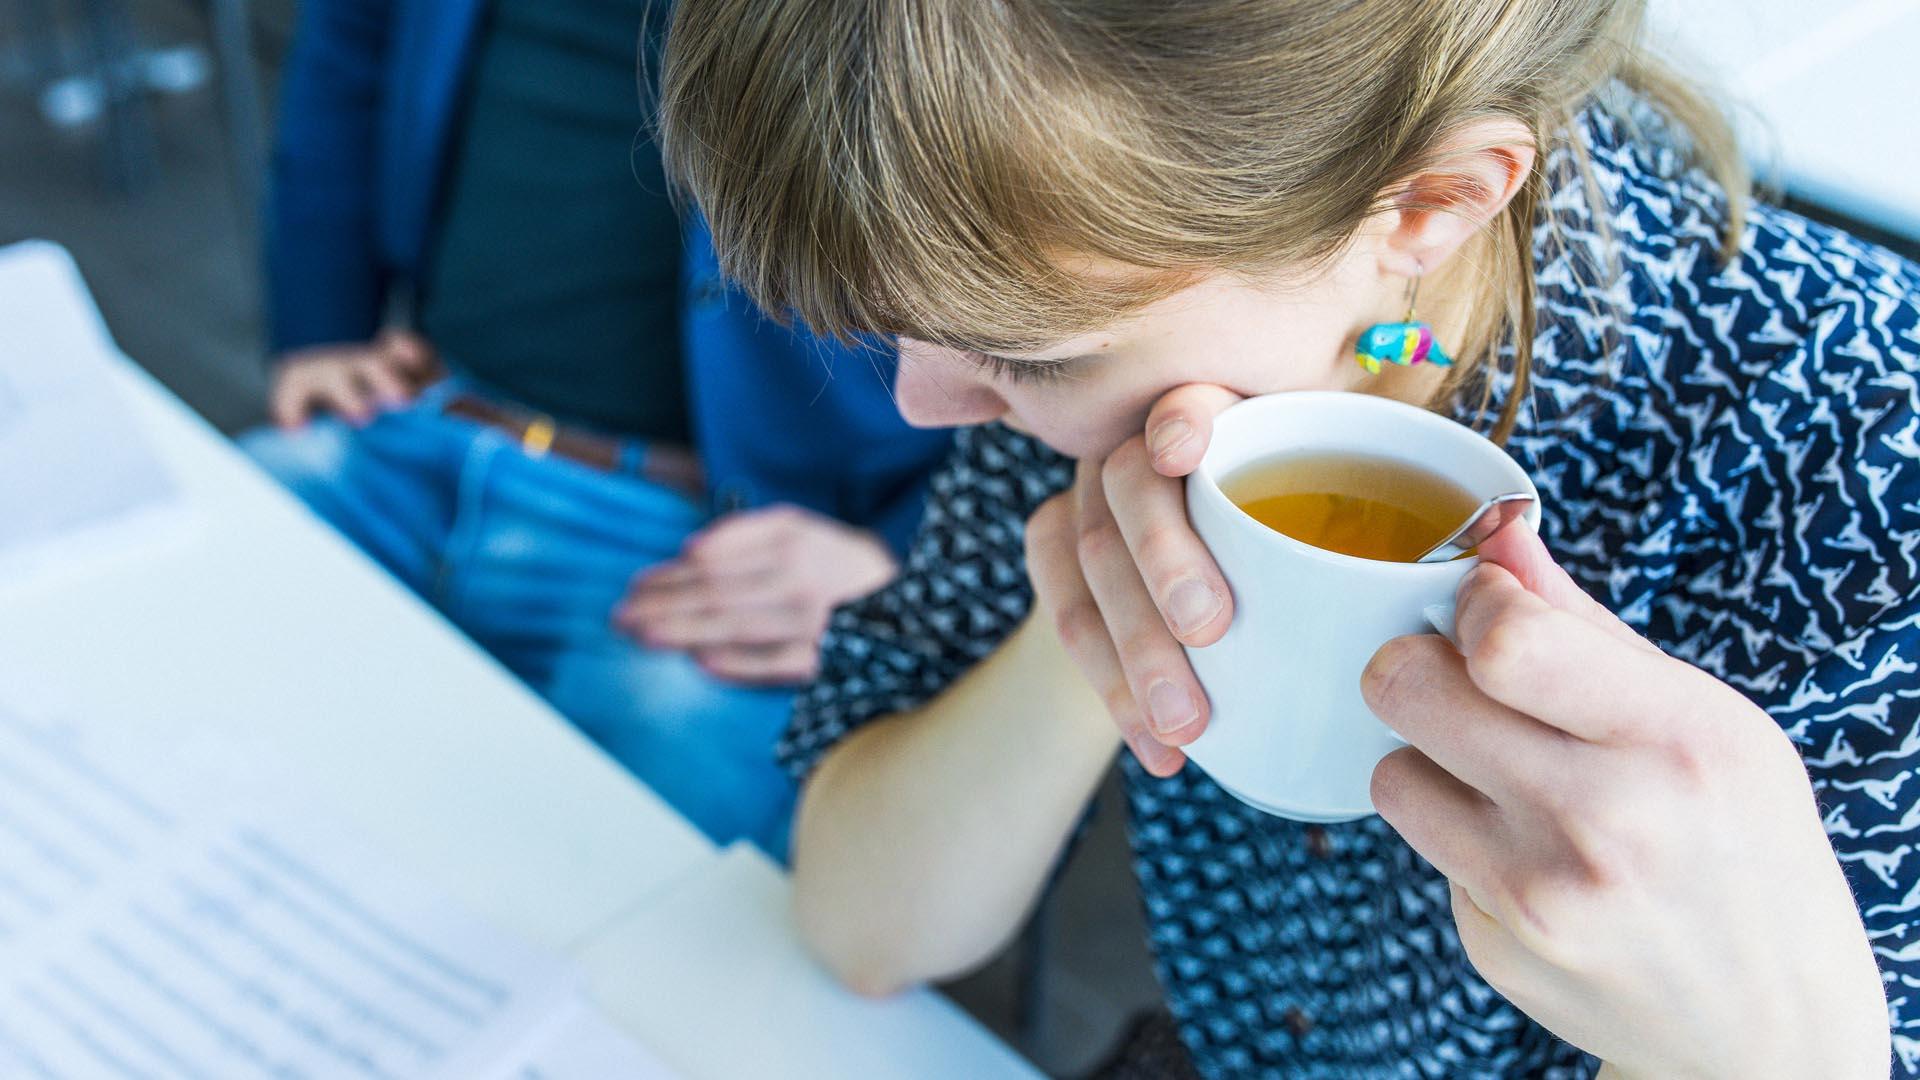 Nainen teekupin kanssa katselee paperia pöydän äärellä.